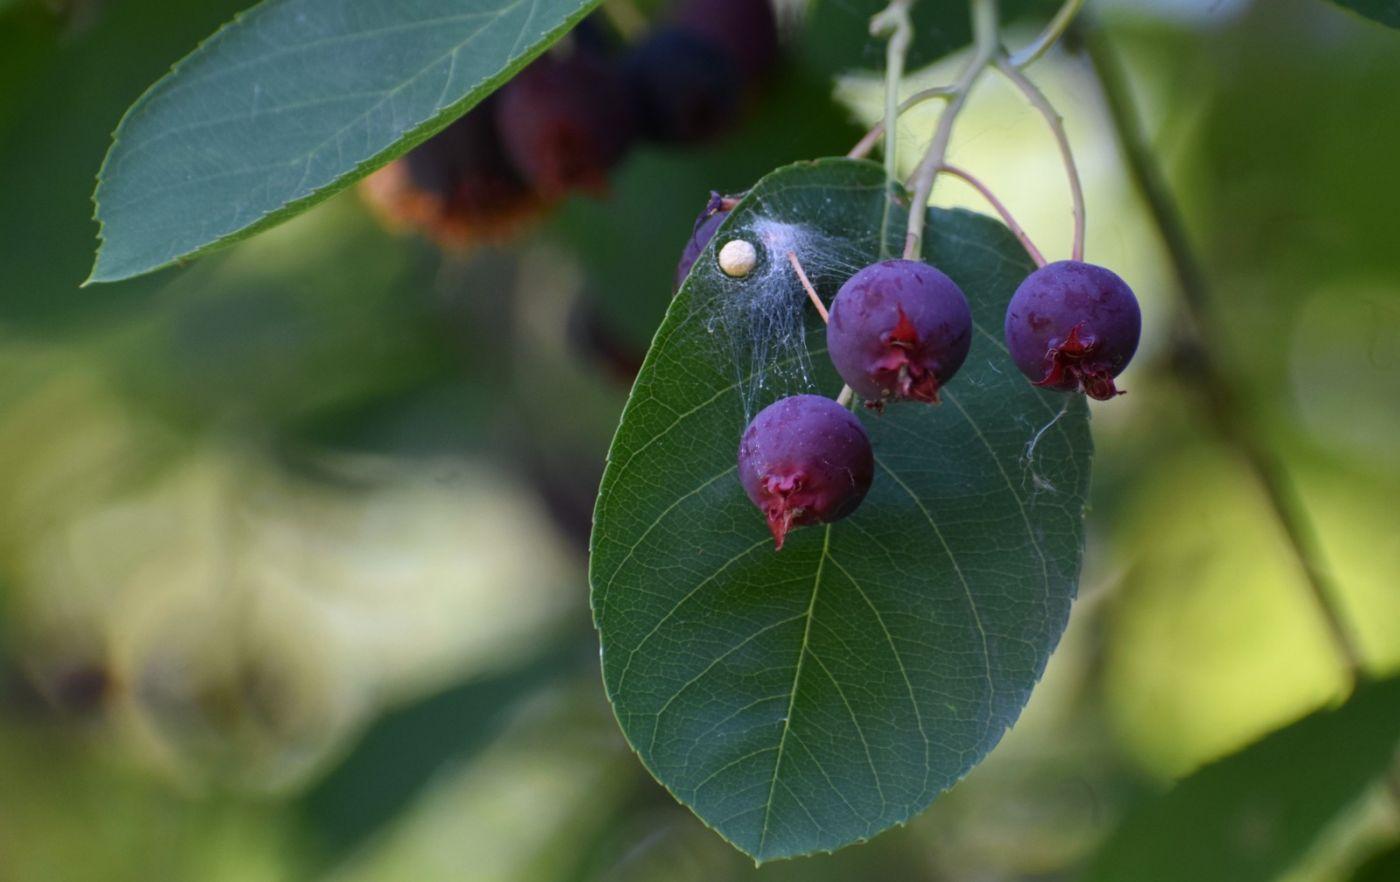 花楸树的果实_图1-5